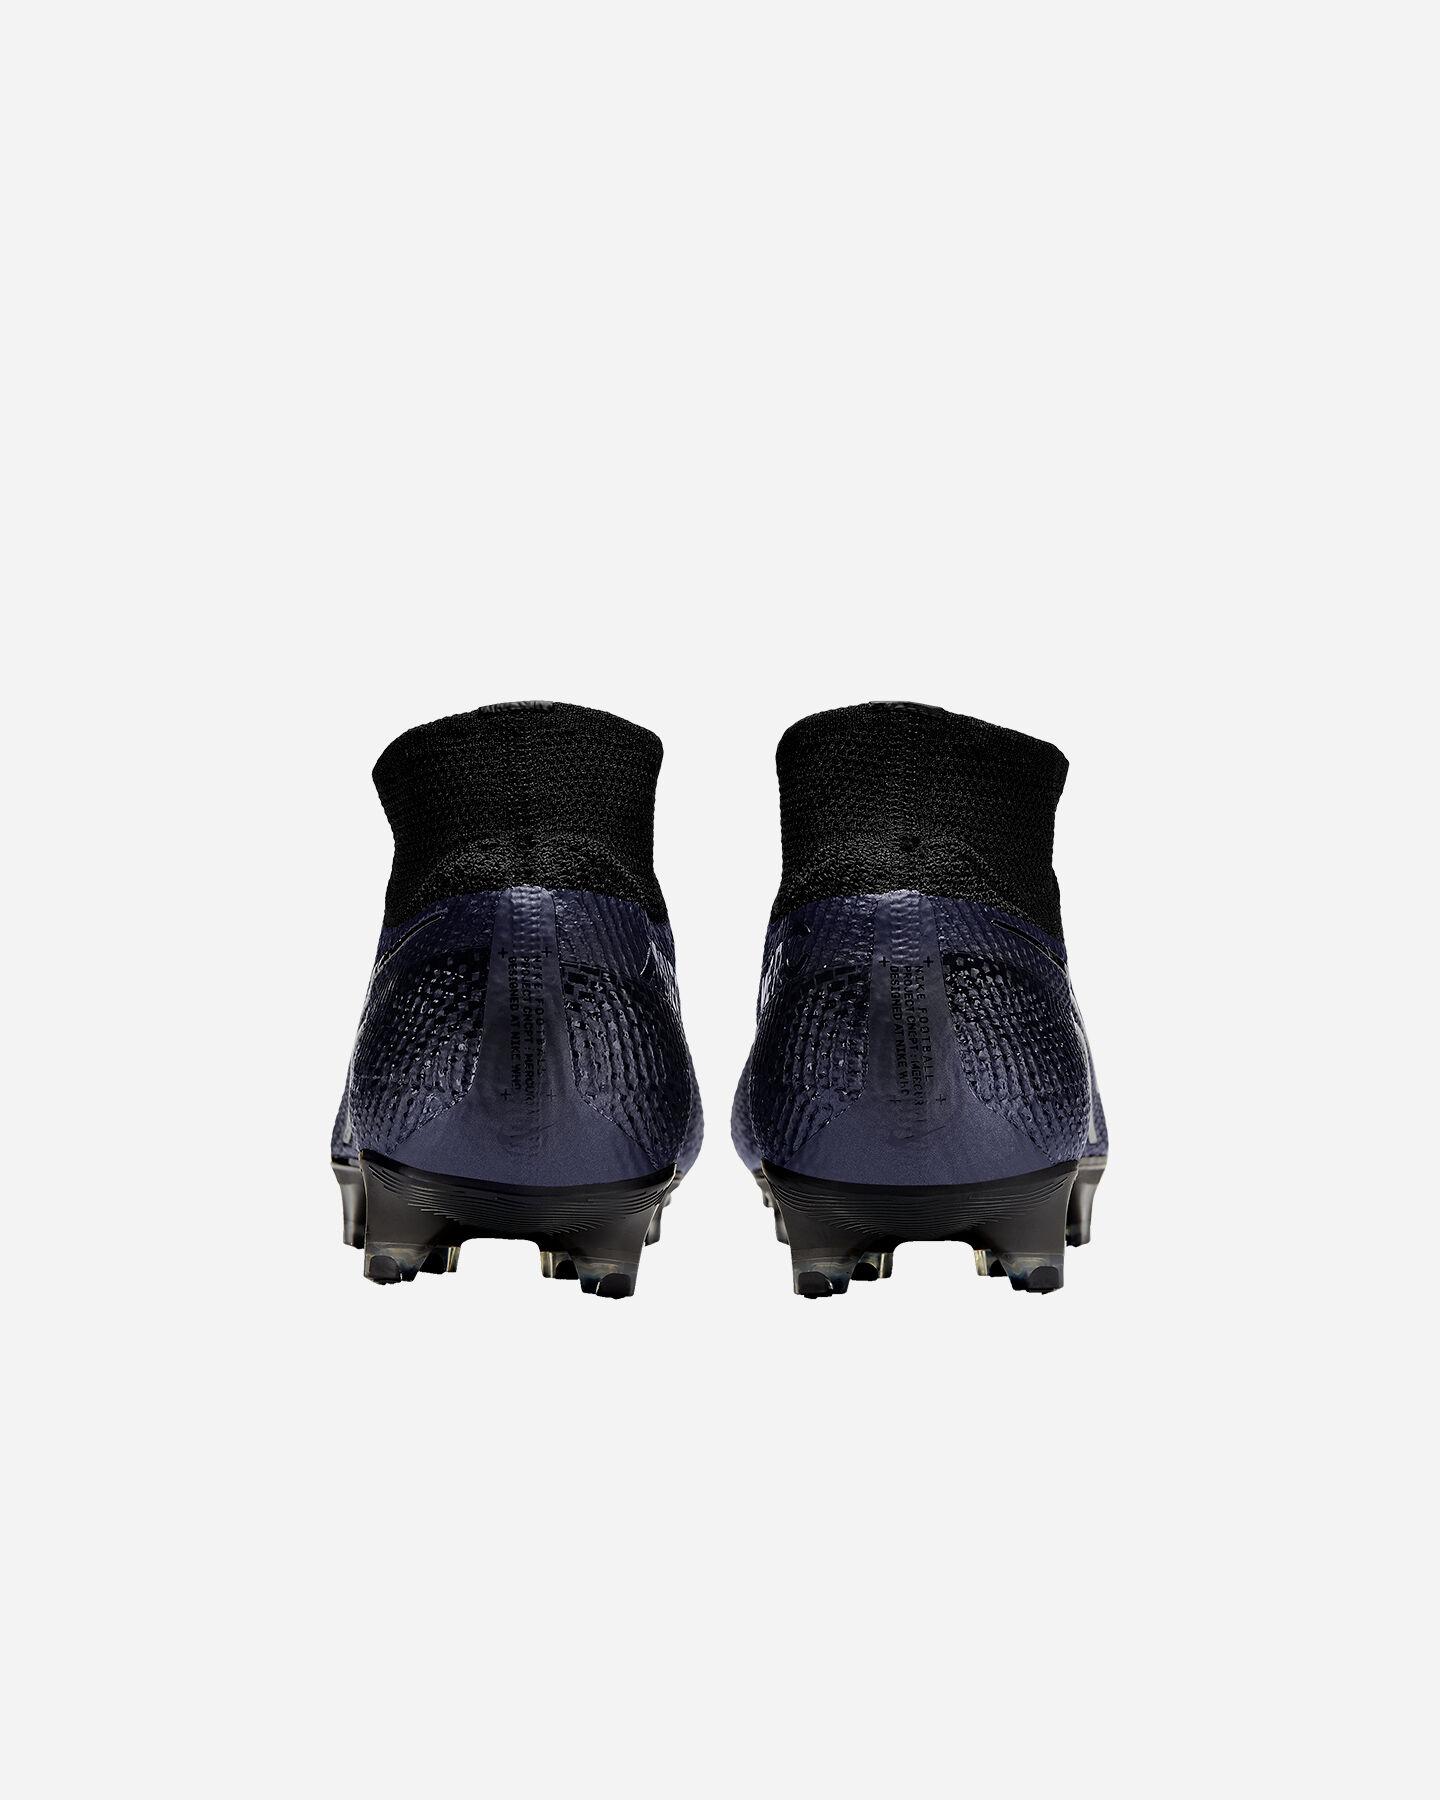 Scarpe calcio NIKE MERCURIAL SUPERFLY 7 ELITE FG M S5161390 scatto 4